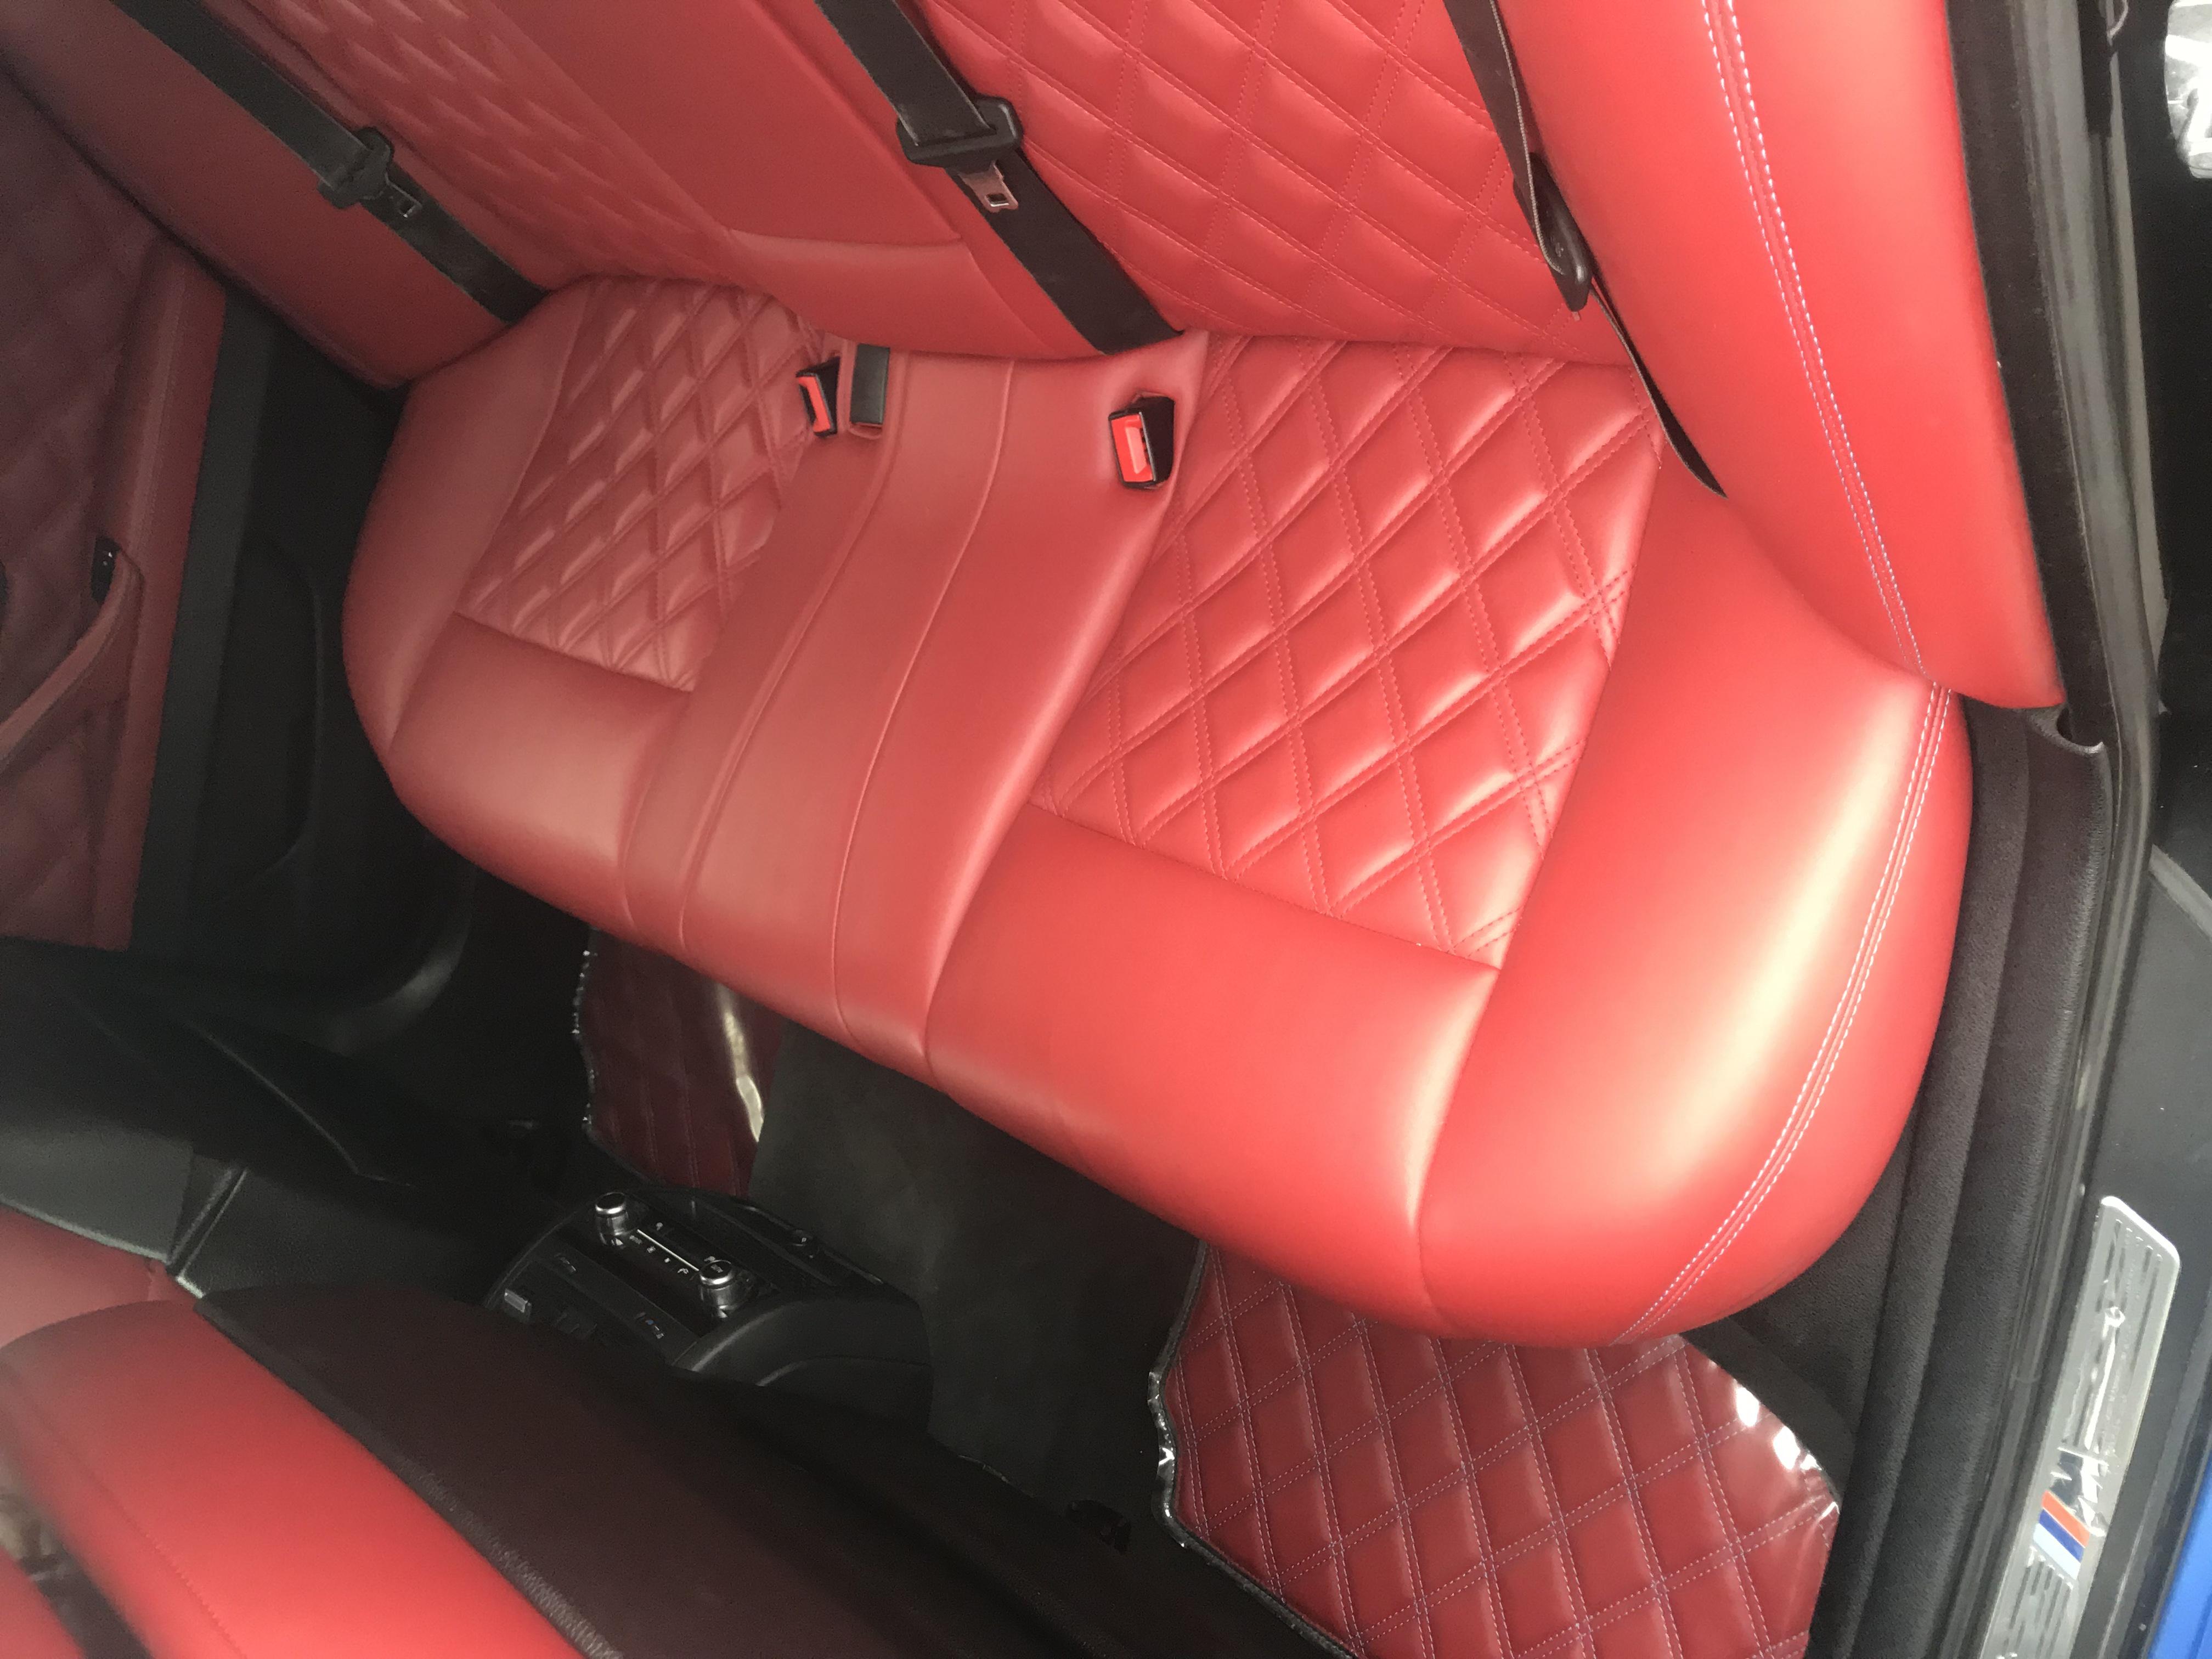 BMW 530 3.0(lt) 2010 Подержанный  $23300